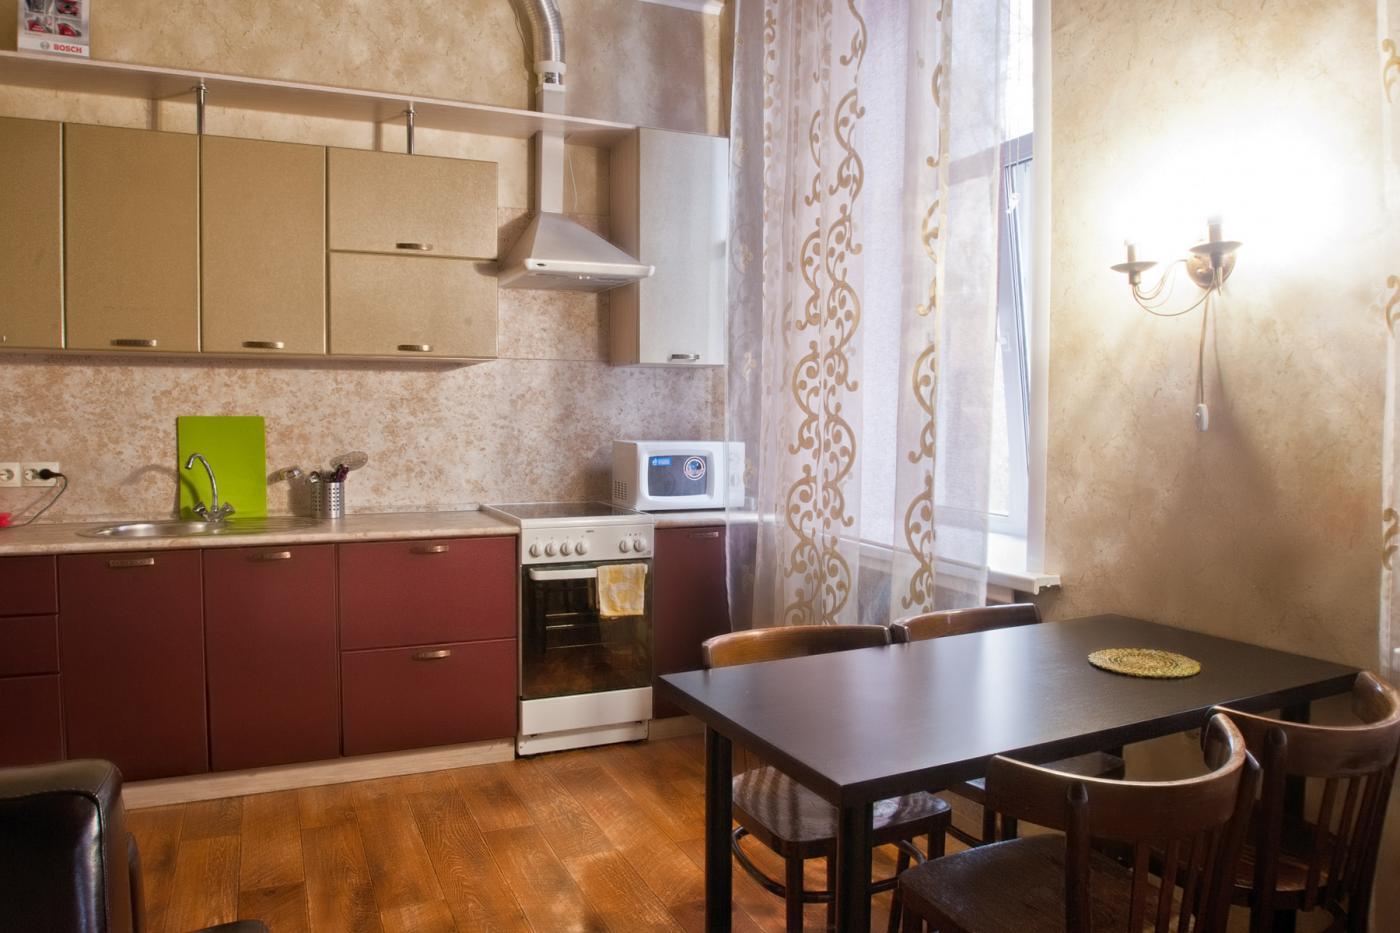 3-комнатная квартира посуточно (вариант № 1194), ул. Дзержинского улица, фото № 9